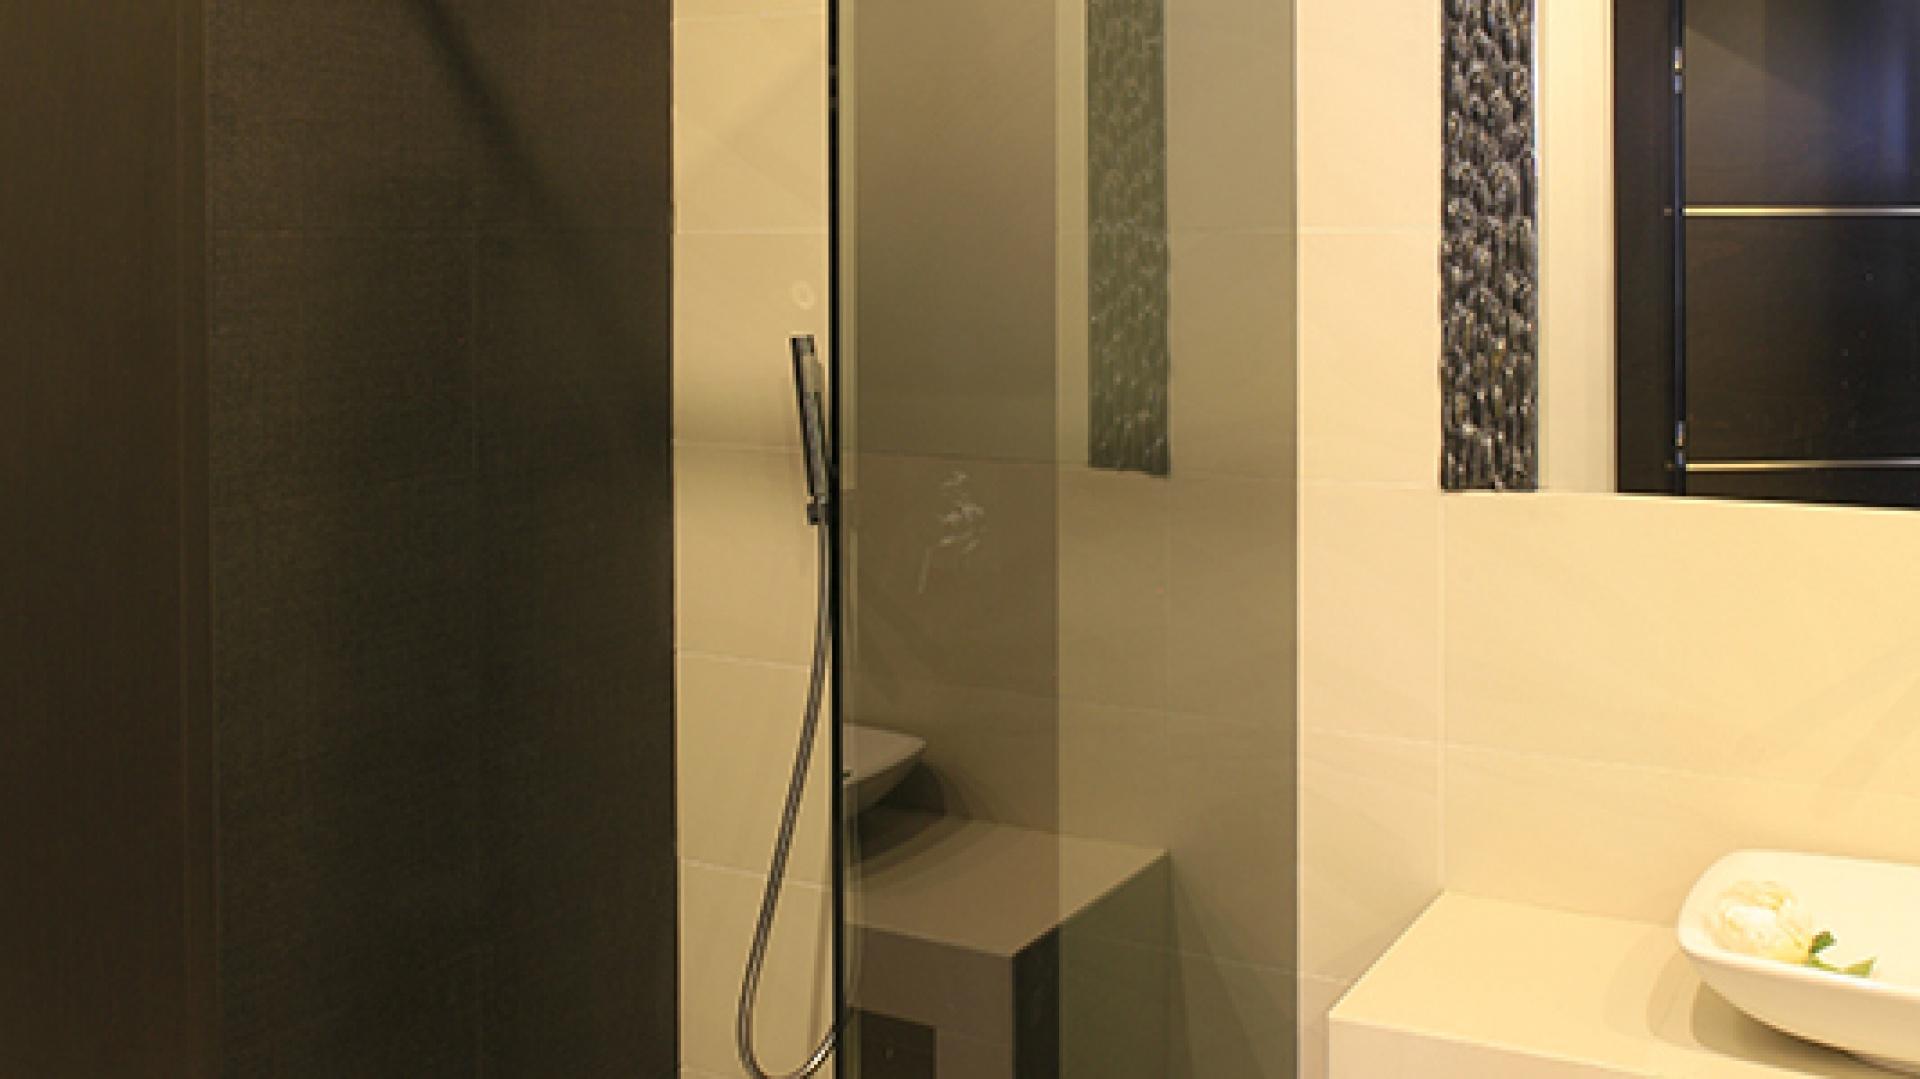 """Tafla grafitowego, a więc mniej przeziernego szkła, oraz wykończona czarnymi płytkami ceramicznymi ściana wyznaczają strefę kabiny prysznicowej typu walk-in z odpływem w posadzce. Bateria prysznicowa marki Tres z serii """"Max-Tres"""", deszczownica """"Cascada Maxi"""" Deante. Fot. Bartosz Jarosz."""